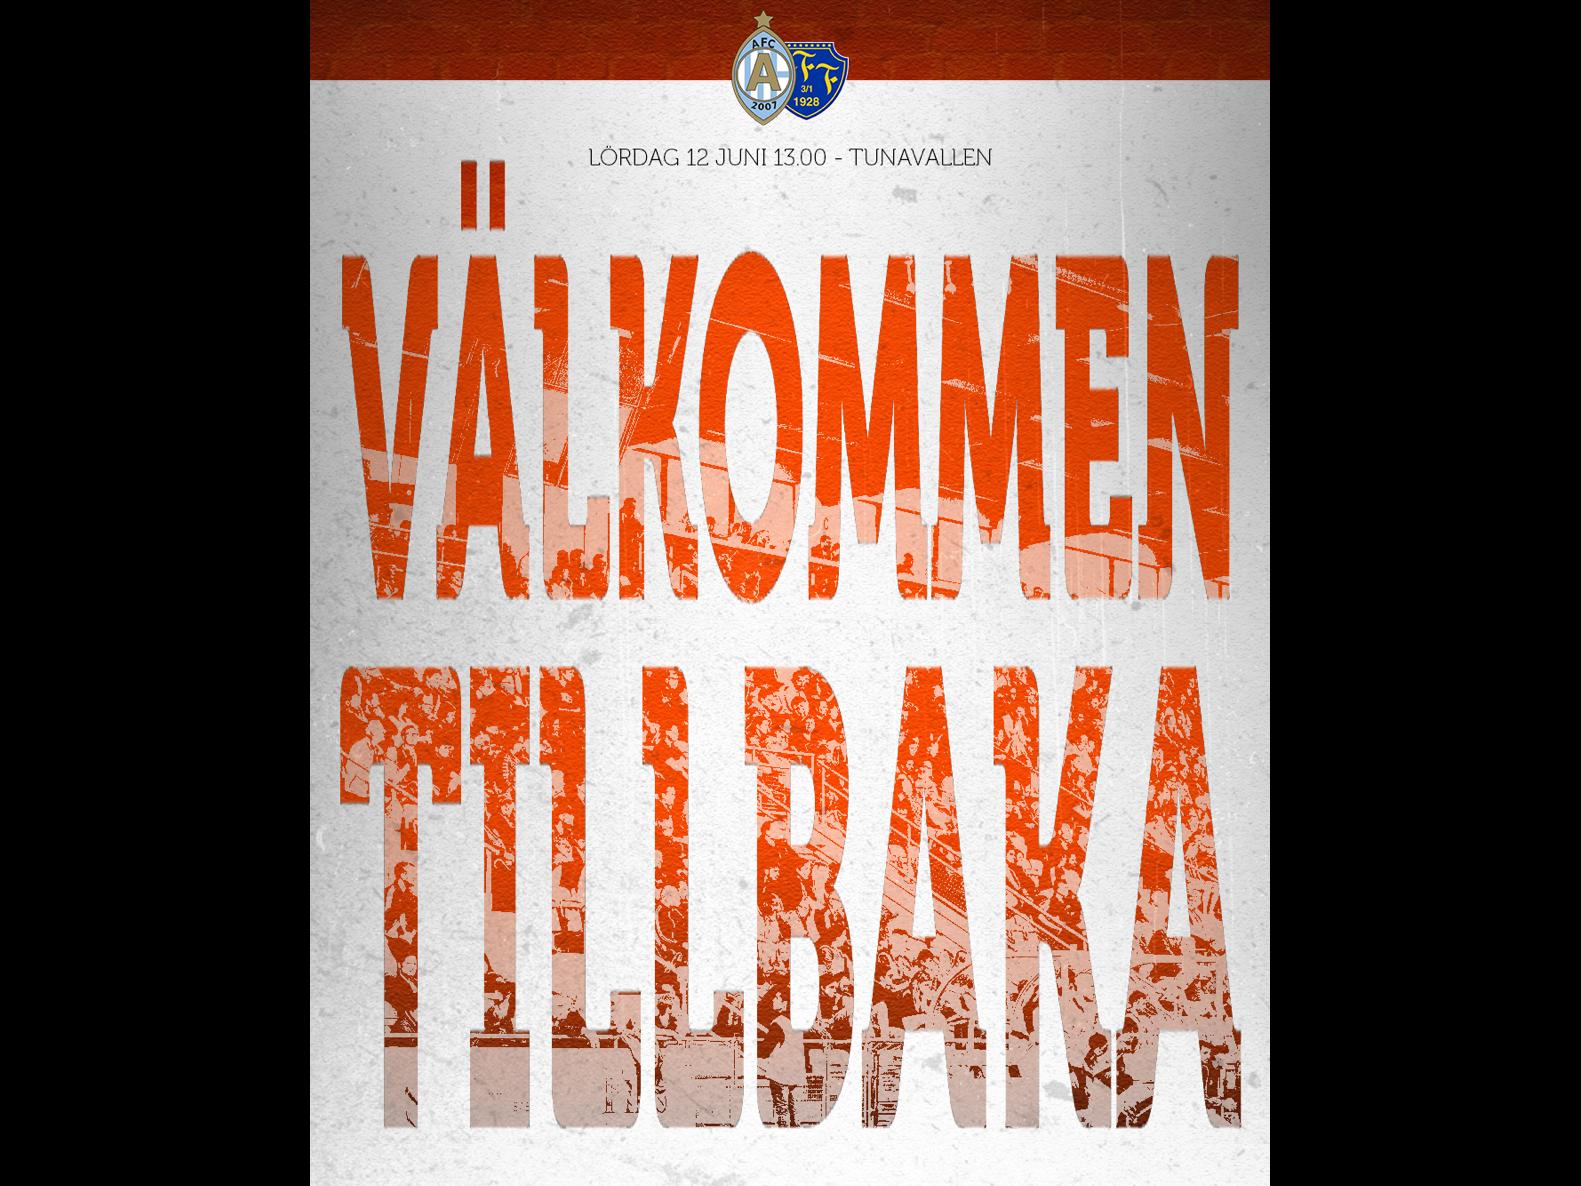 Biljettsläpp till AFC Eskilstuna - Falkenbergs FF, 12 juni kl. 13.00.